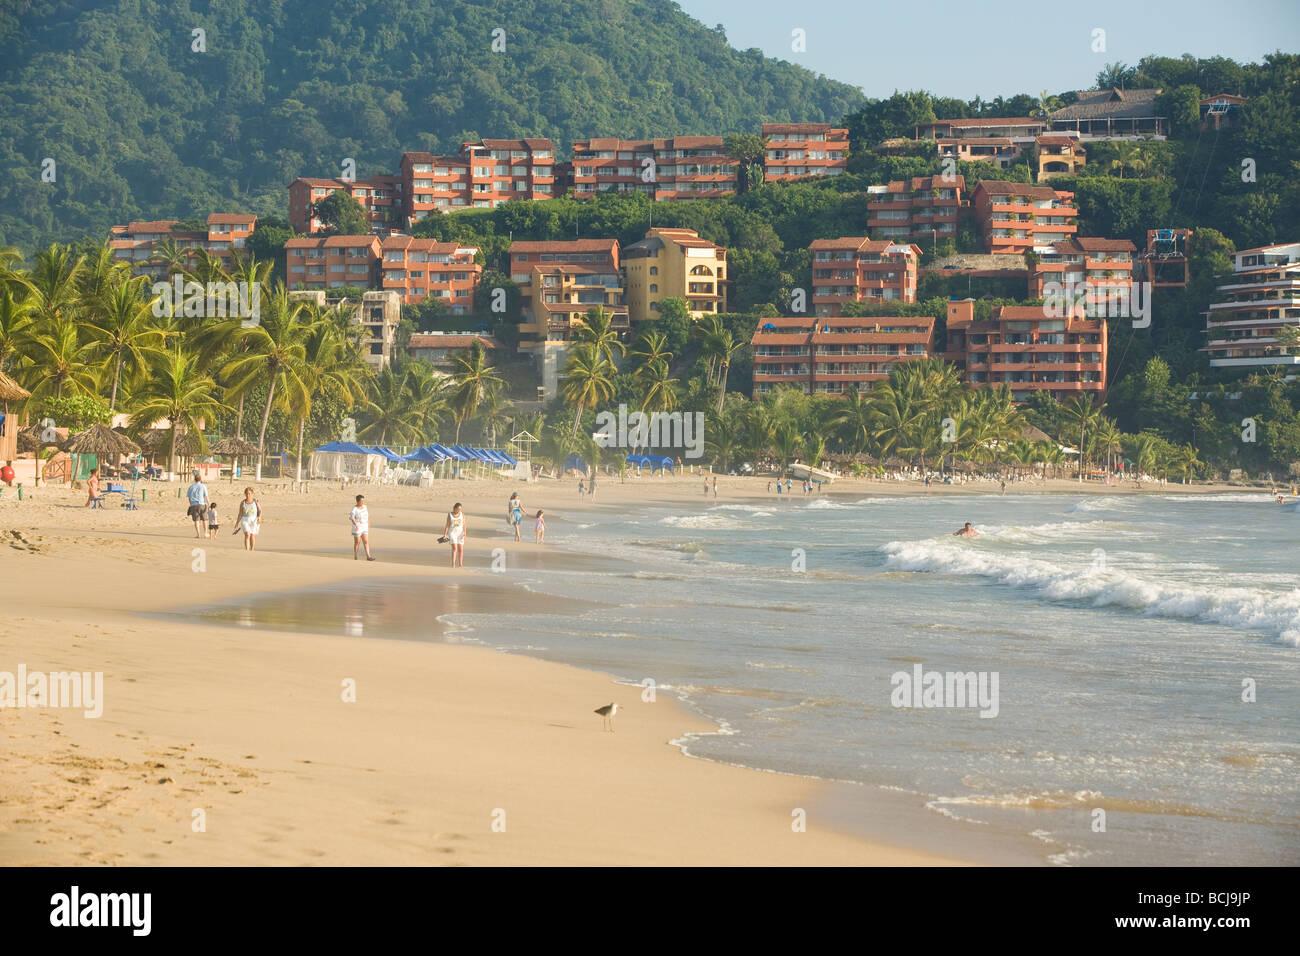 Ixtapa/Zihuatanejo Mexiko Menschen zu Fuß am Strand mit Hotels und Eigentumswohnungen im Hintergrund Stockbild